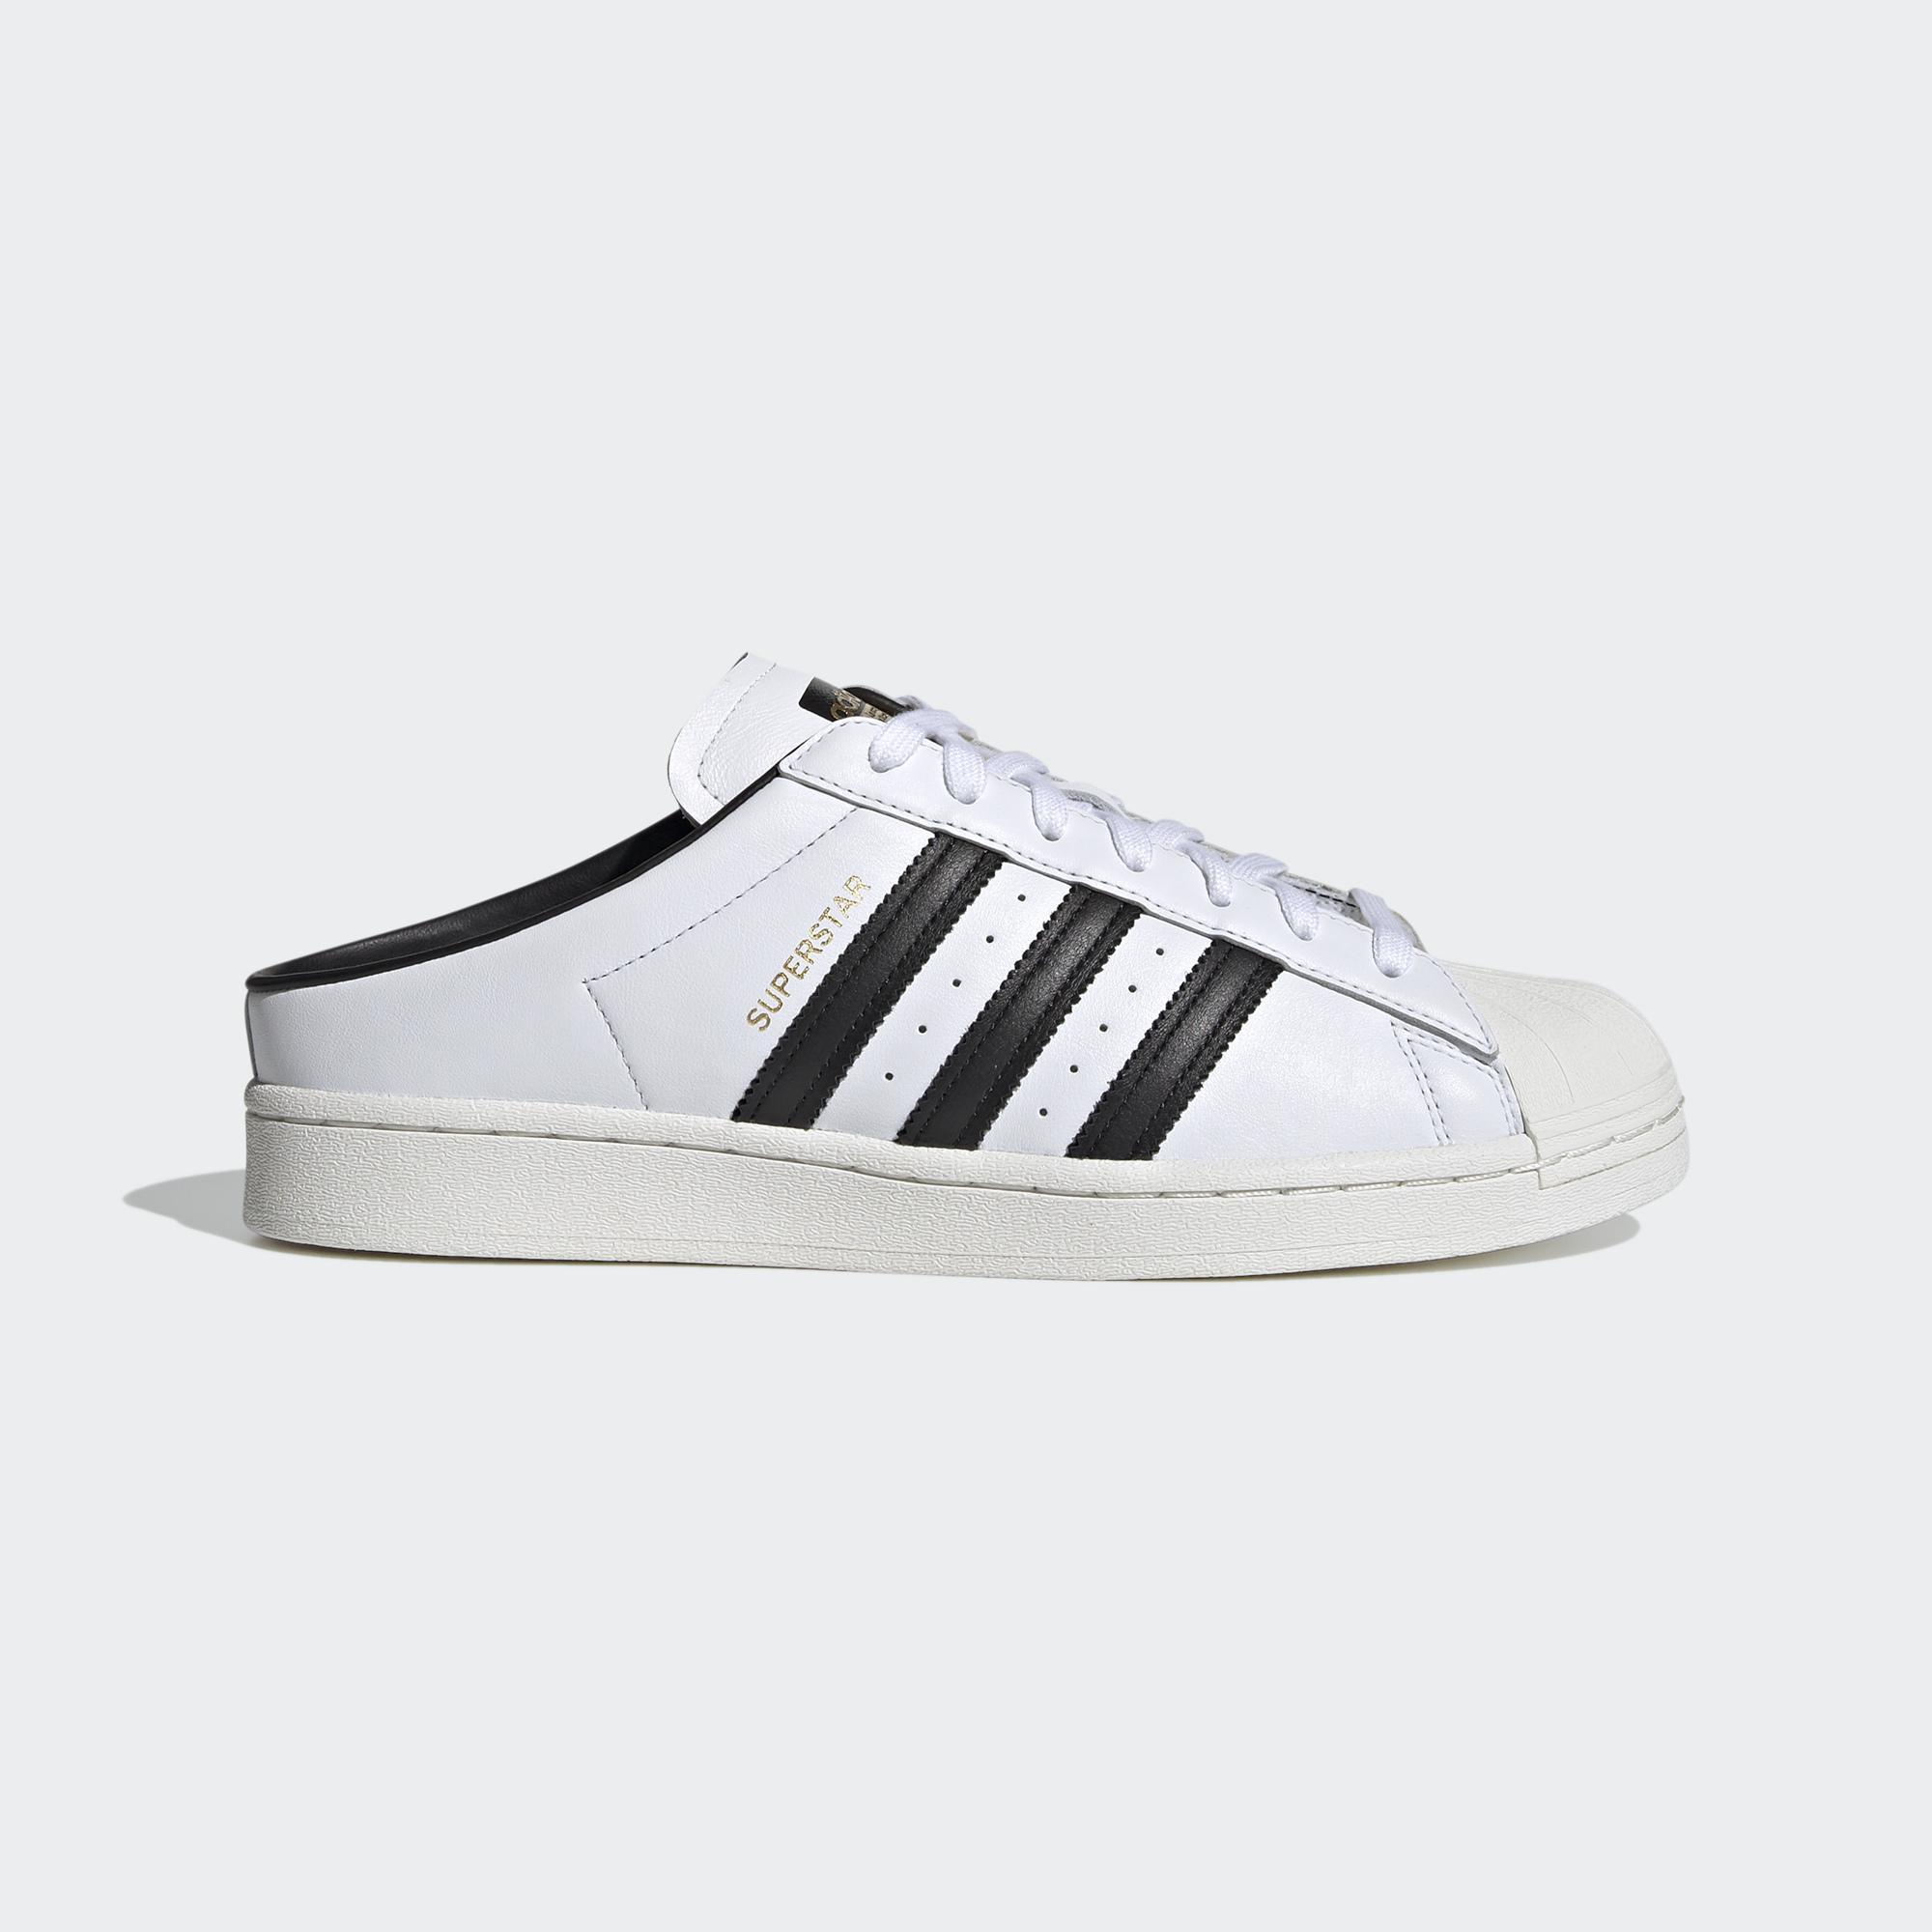 Superstar MULE 經典鞋